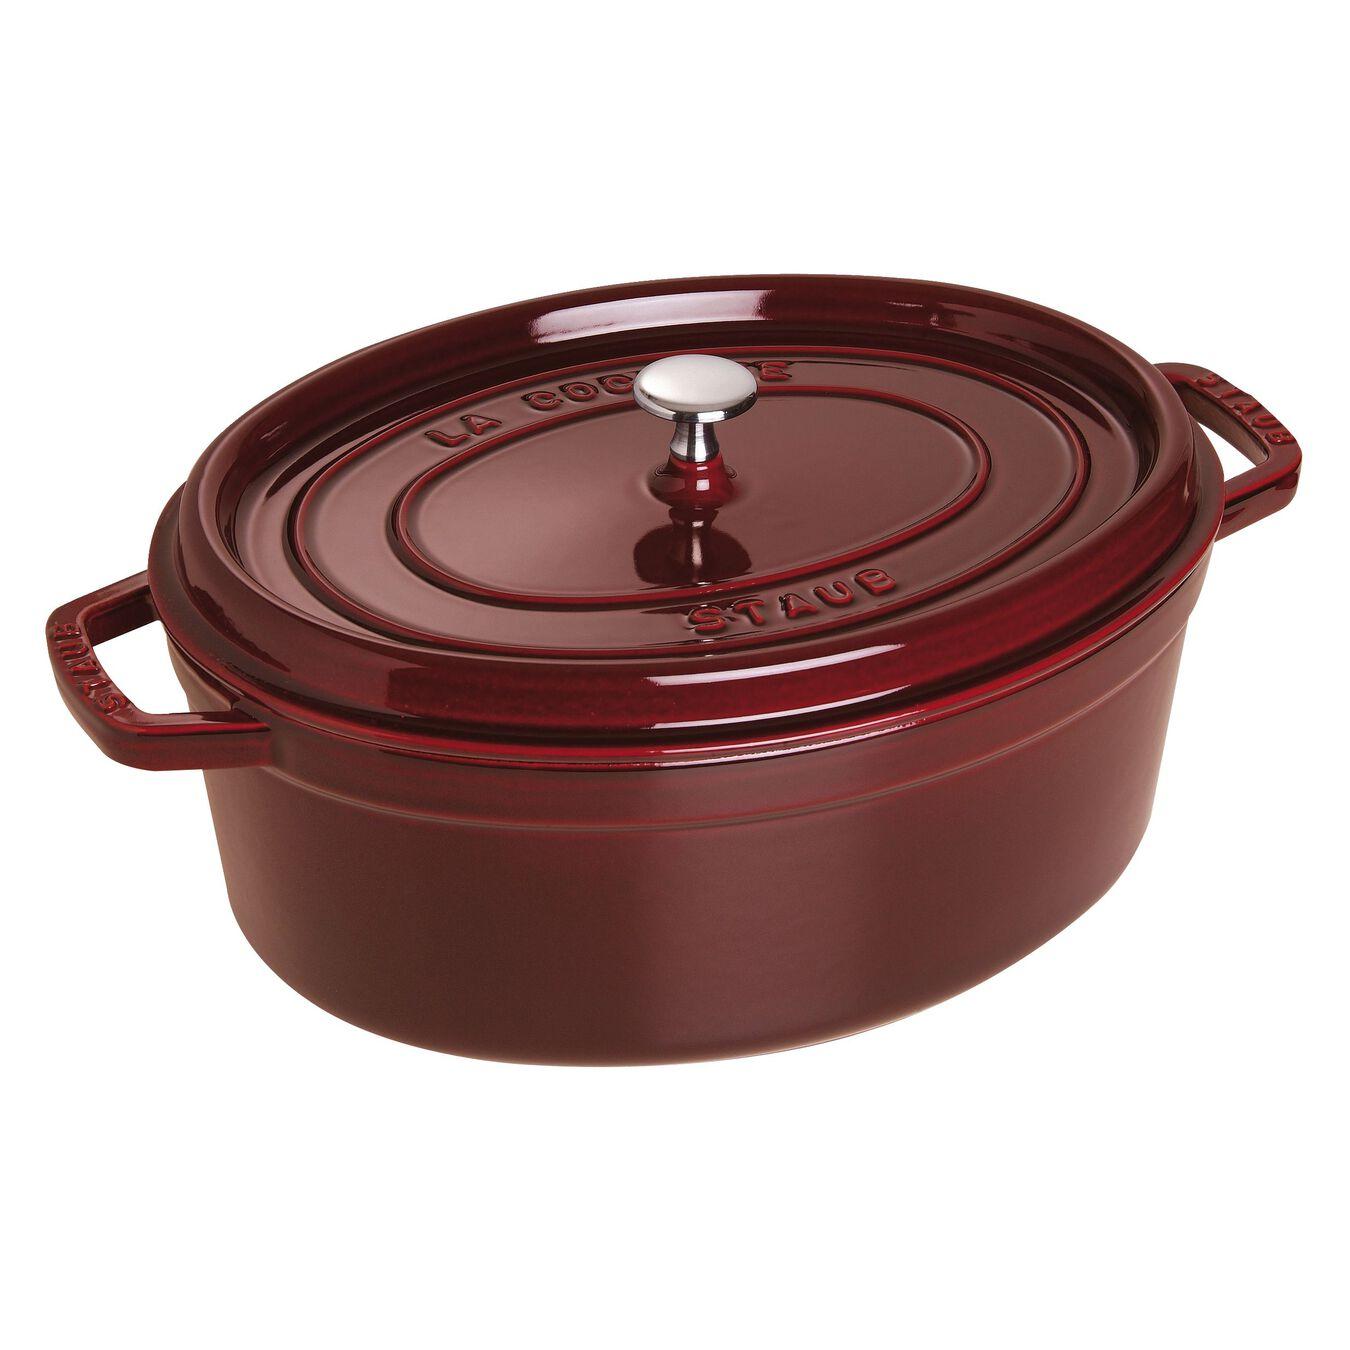 3.25 l oval Cocotte, grenadine-red,,large 1